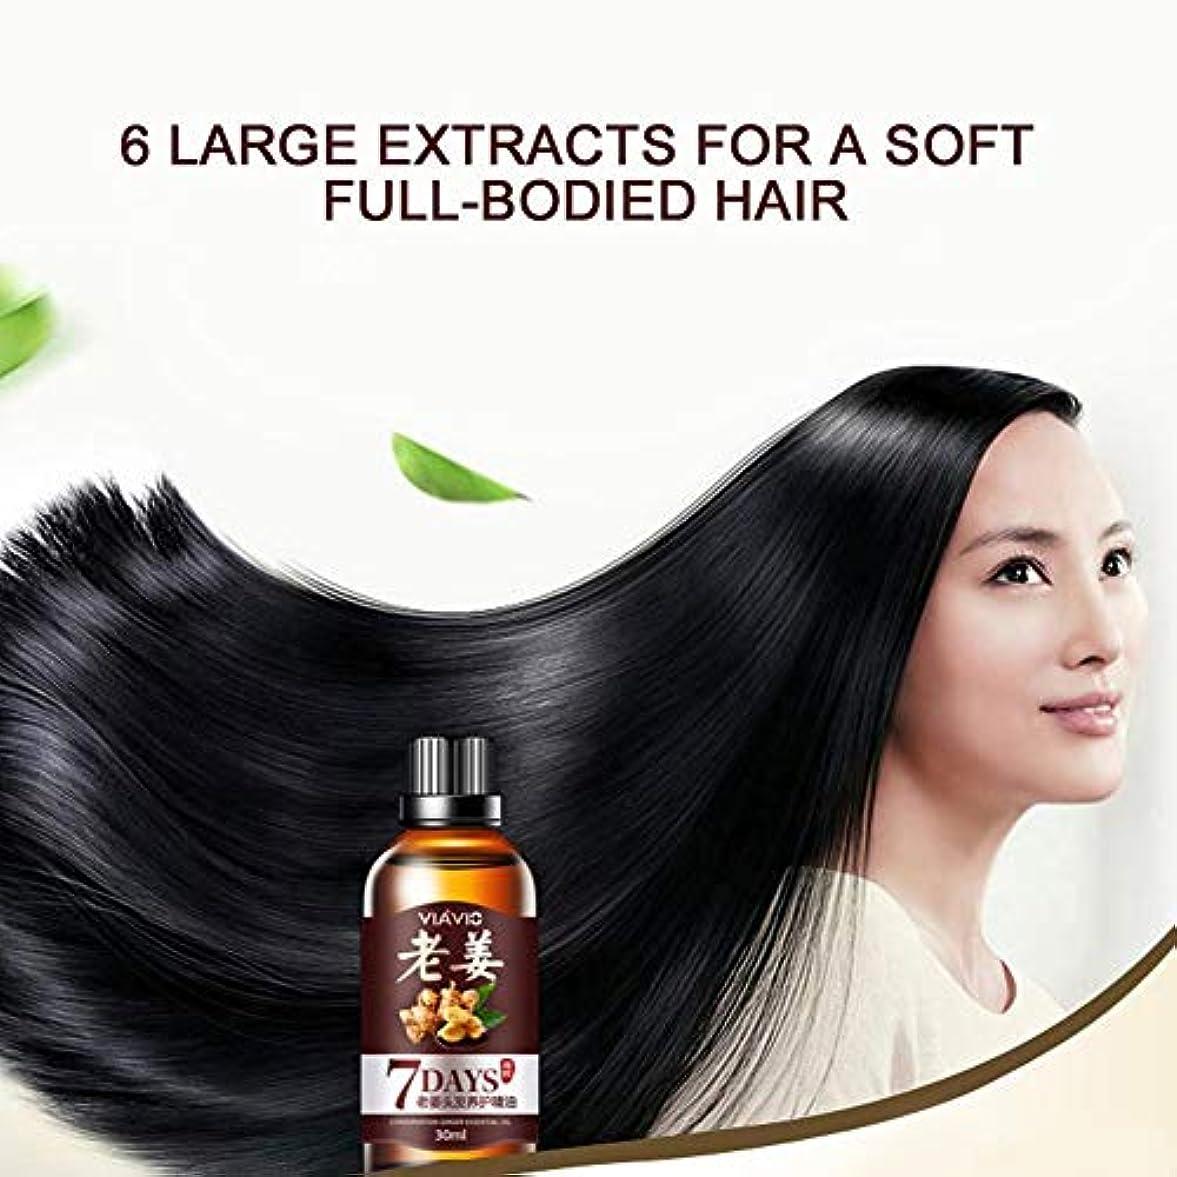 にじみ出る命題フィクションBETTER YOU (ベター ュー) 育毛剤 抜け毛防止する 髪の量と密度を増やす